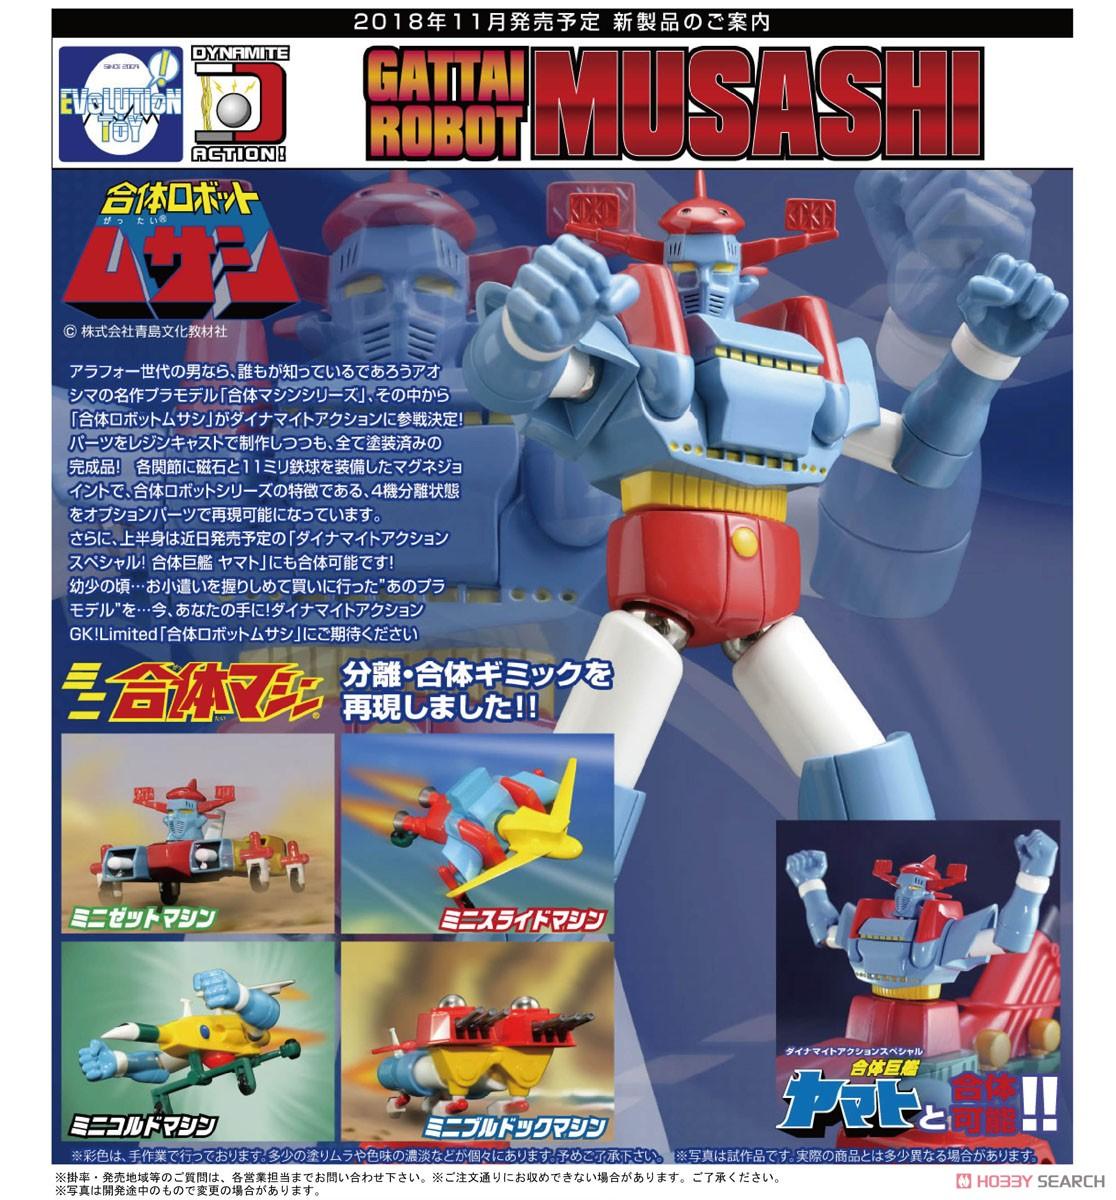 ダイナマイトアクション!『合体ロボット ムサシ』可動フィギュア-007